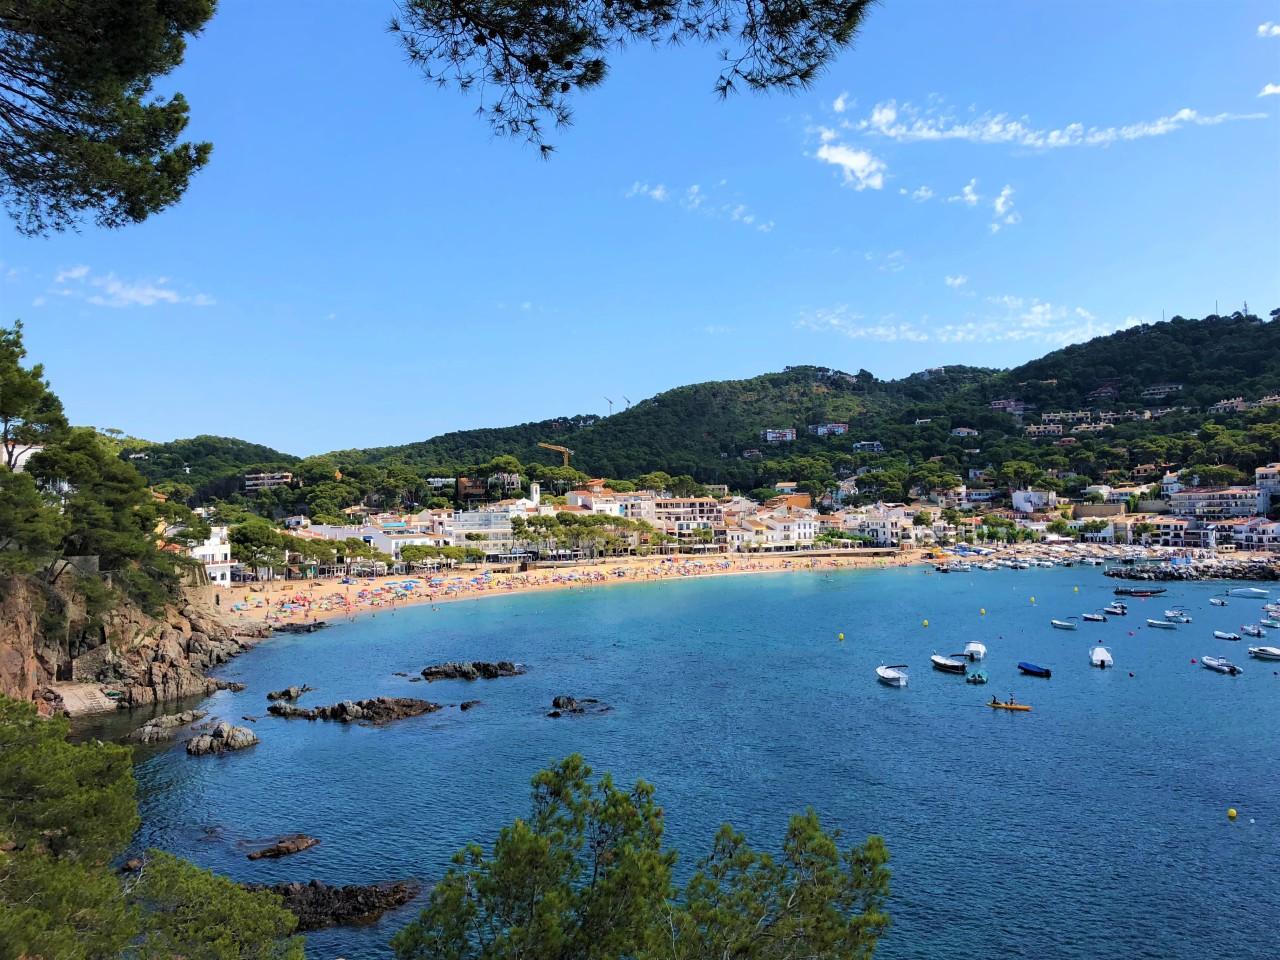 Spain's Costa Brava, Part 1: LLafranc, Calella de Palafrugell and CapRoig